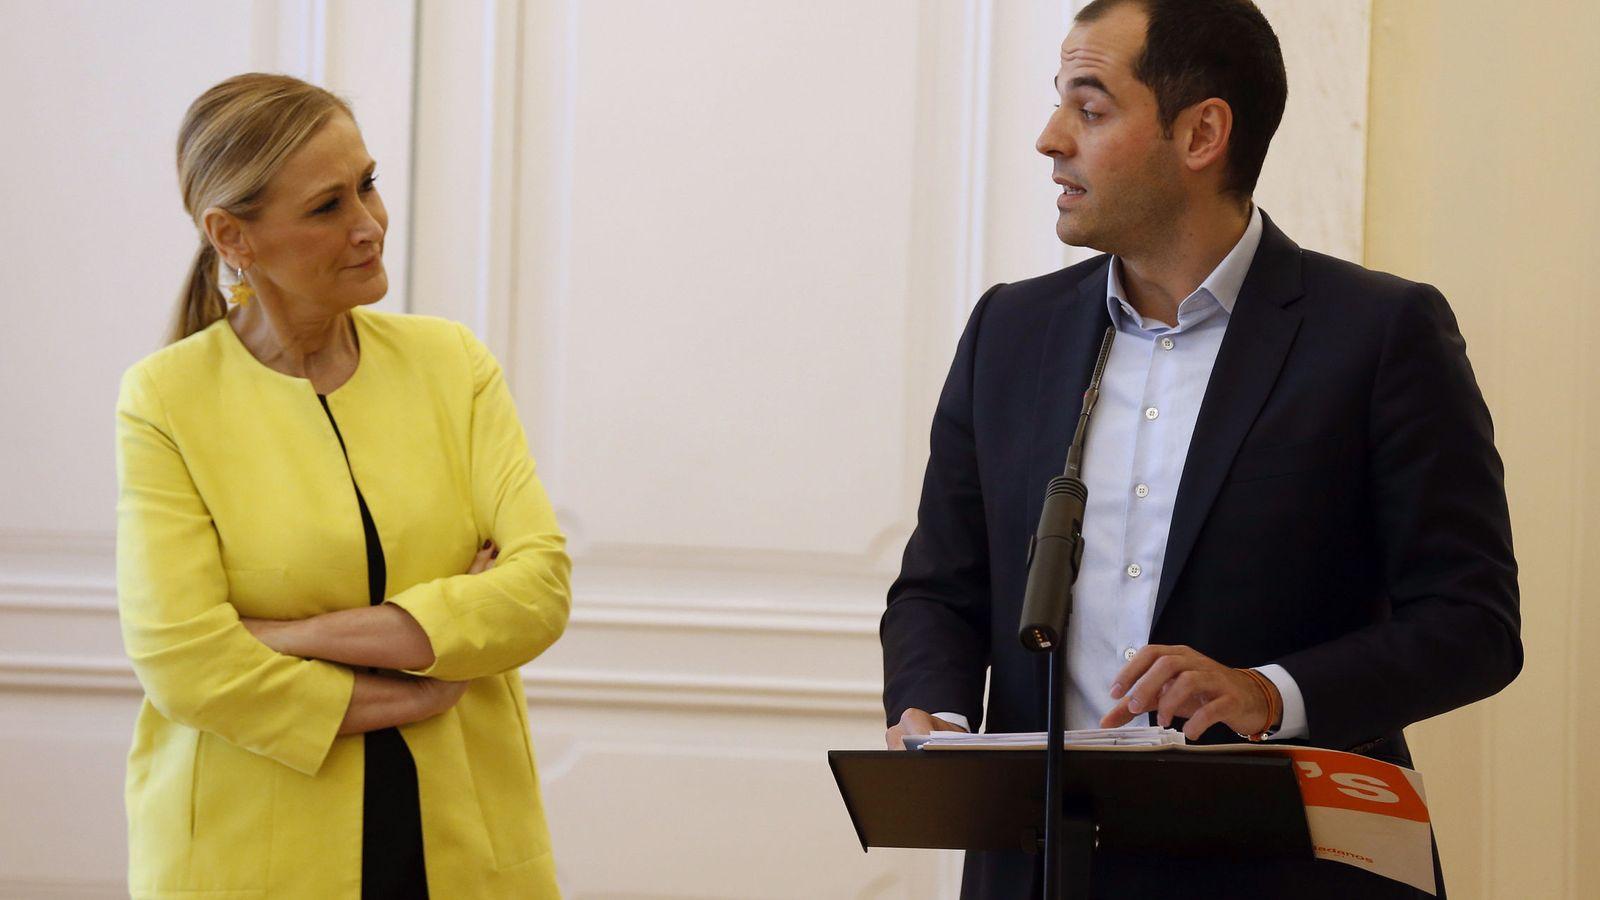 Foto: La presidenta de la Comunidad de Madrid, Cristina Cifuentes (i), junto al portavoz de Ciudadanos en la Asamblea de Madrid, Ignacio Aguado. (EFE)